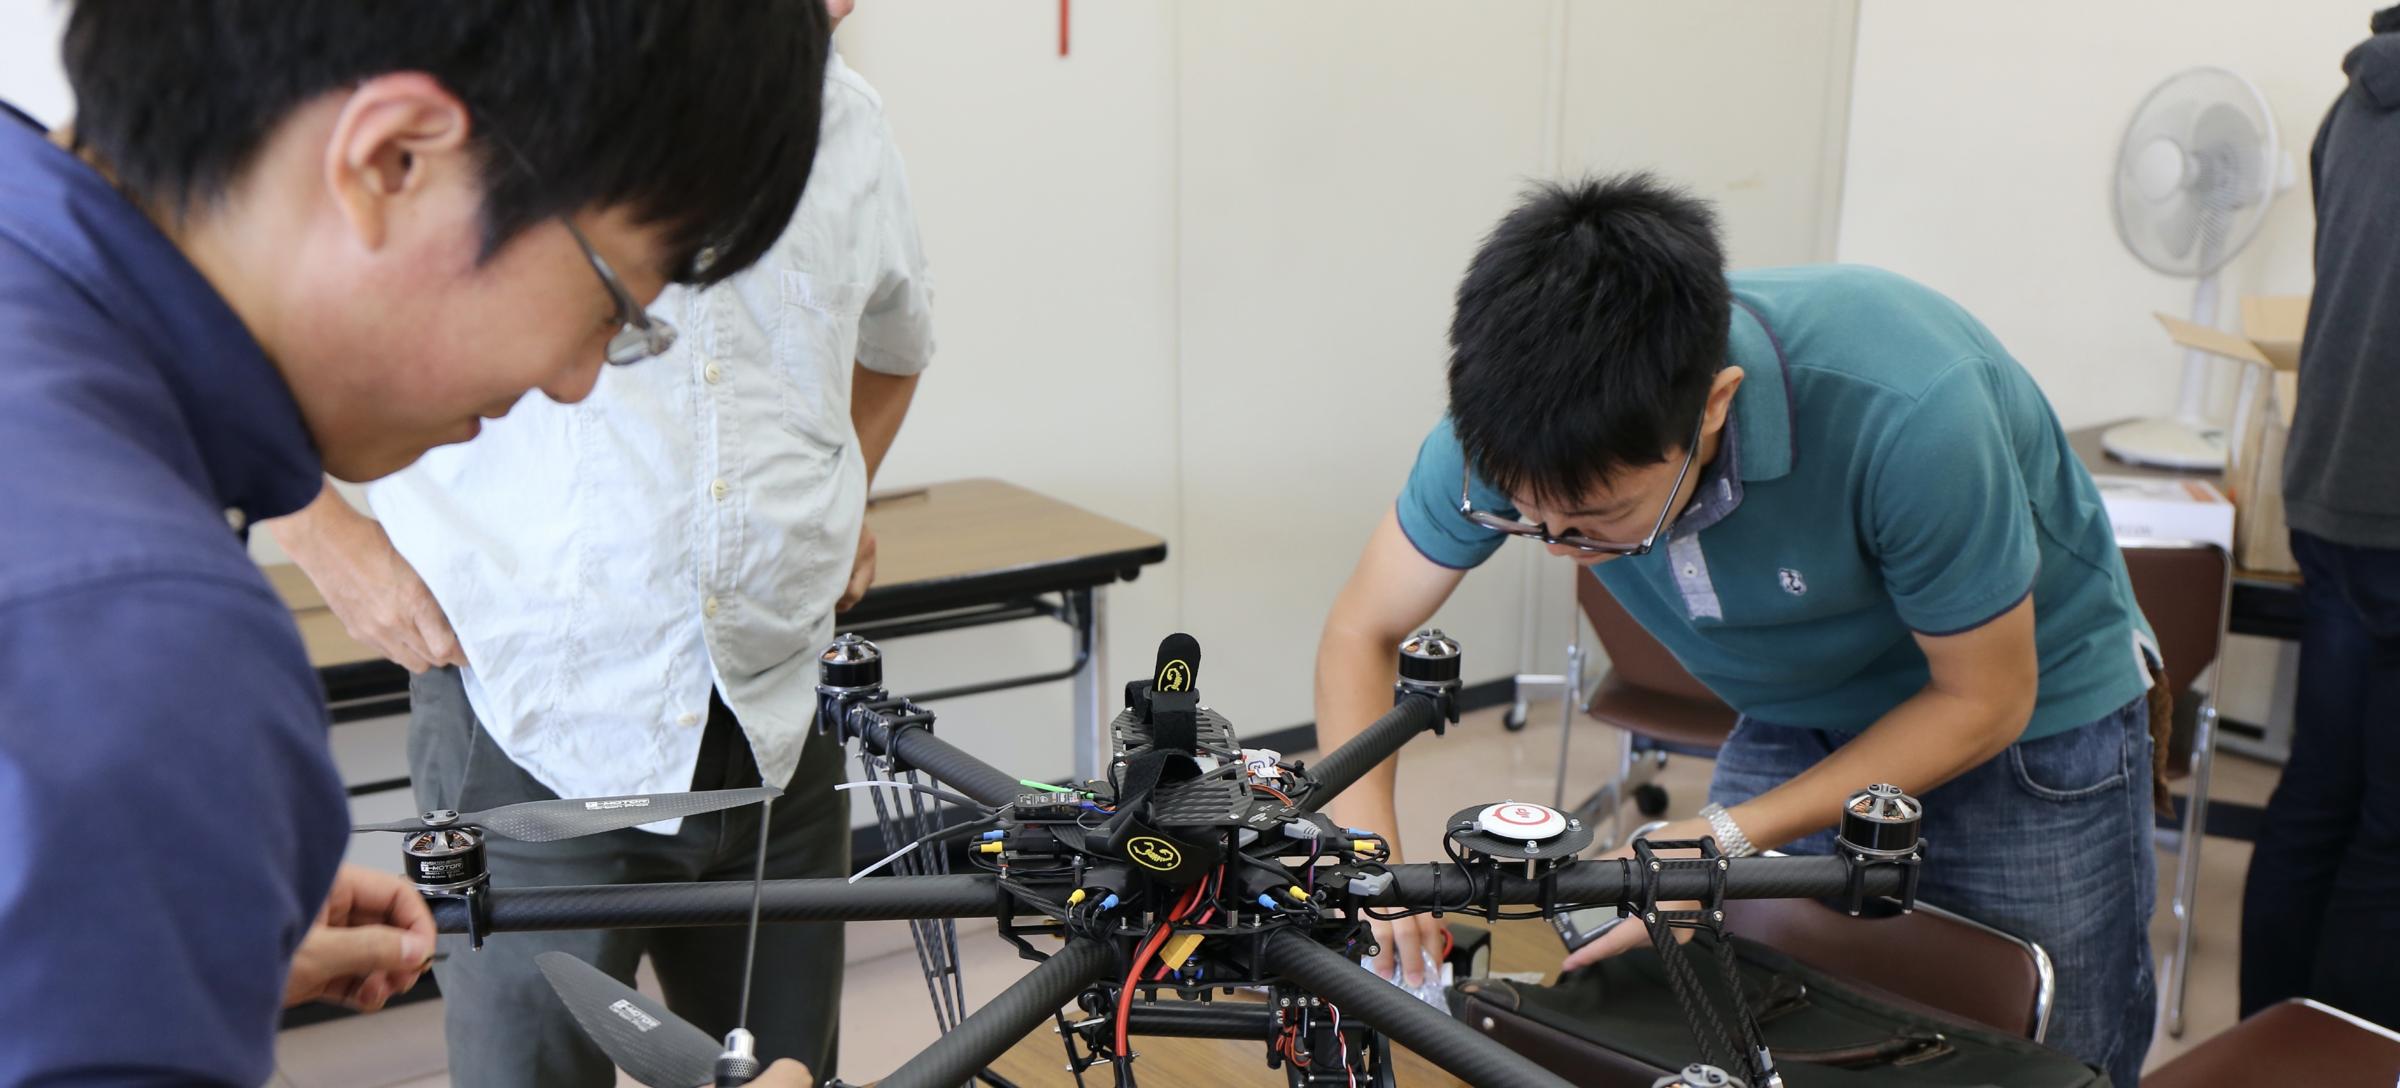 ドローン/スマート・ロボティクス Drone/Smart Robotics